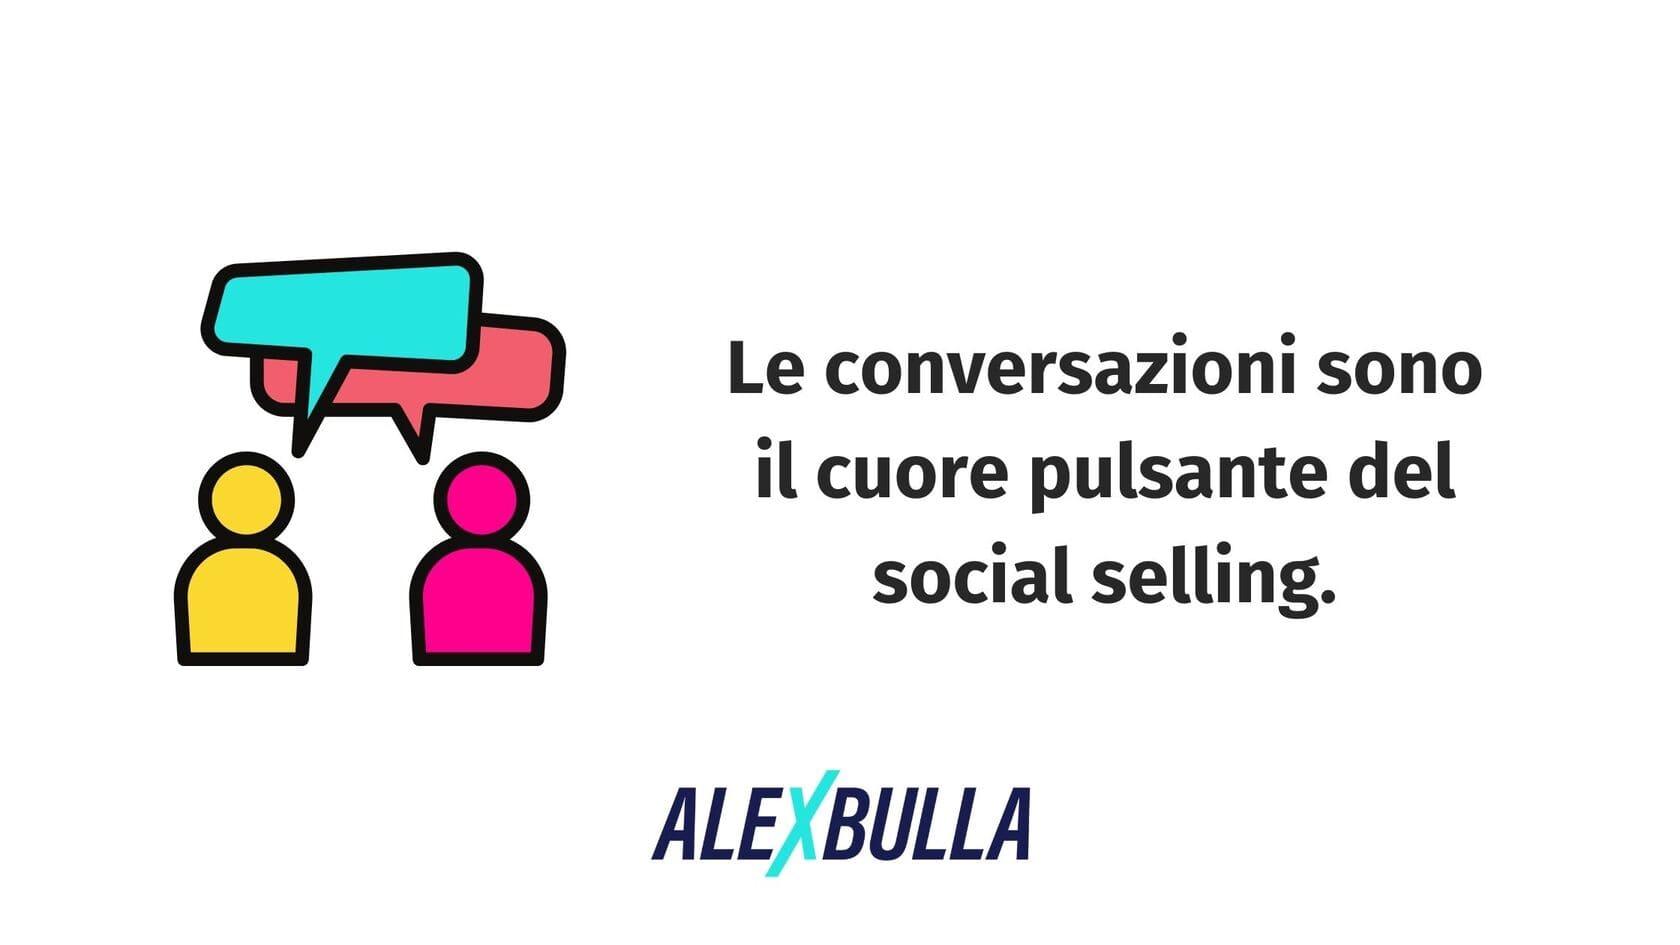 le conversazioni sono il cuore del social selling